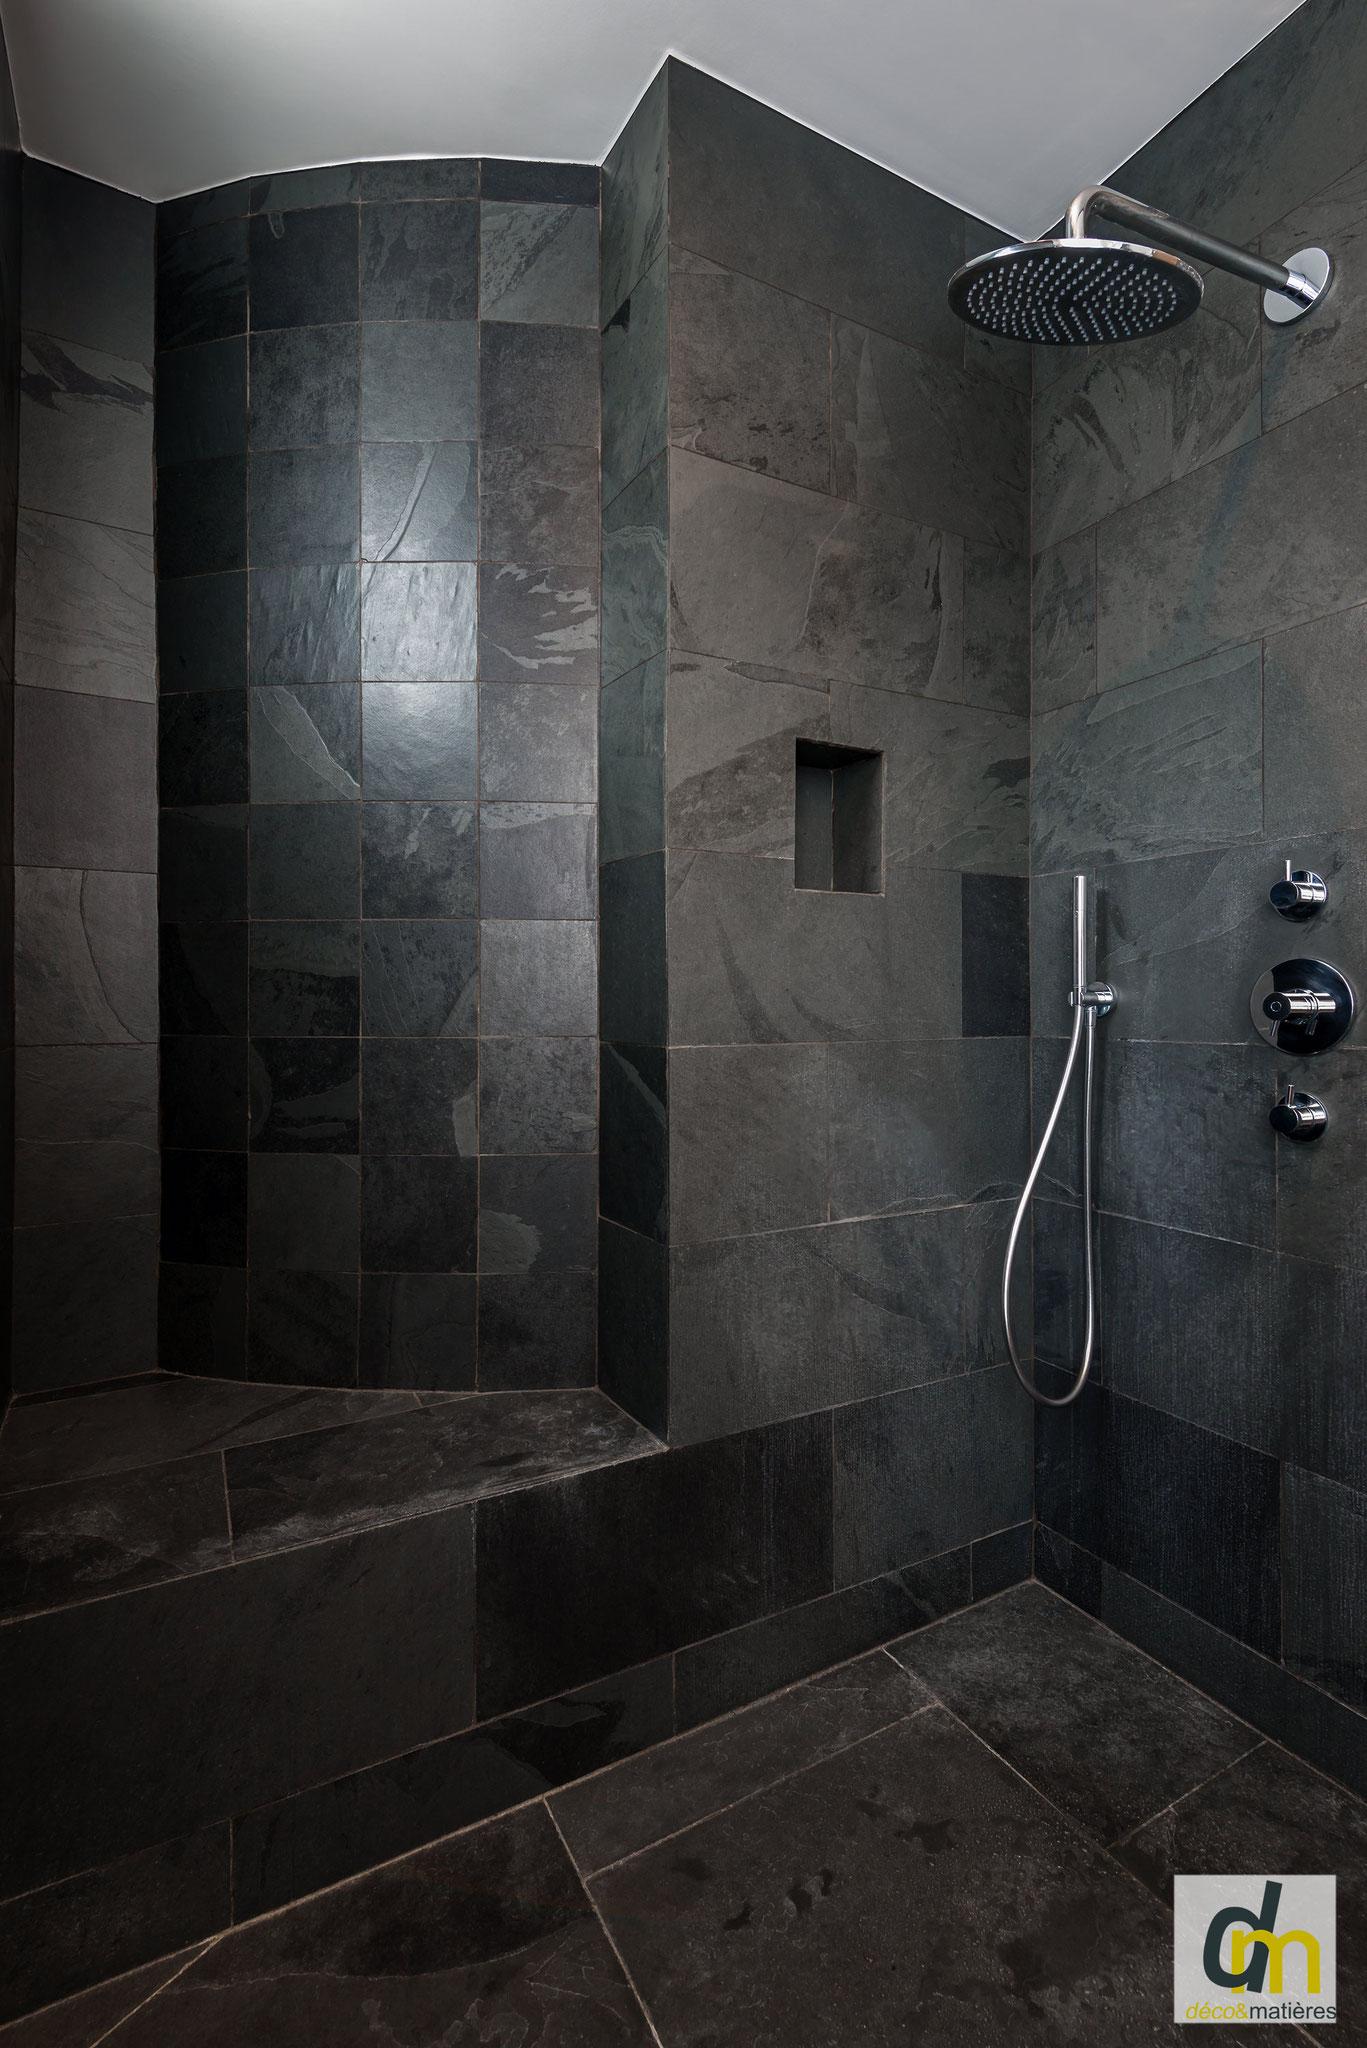 Un espace douche à l'italienne entièrement recouverte d'ardoise noire avec une paroi en verre intégral